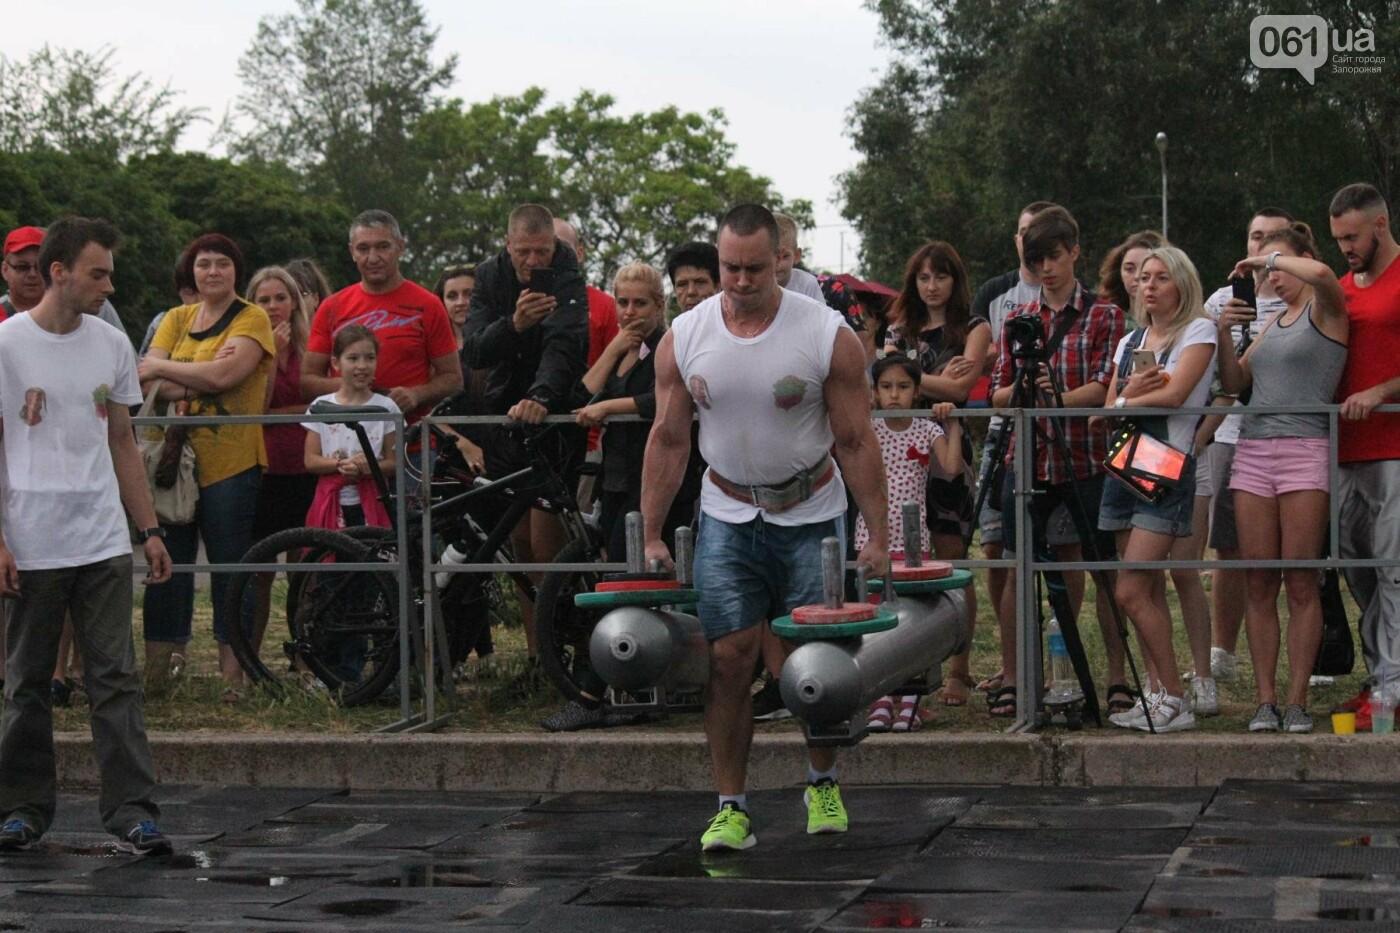 «Казацкая сила»: как в Запорожье соревновались лучшие стронгмены, – ФОТОРЕПОРТАЖ, фото-16